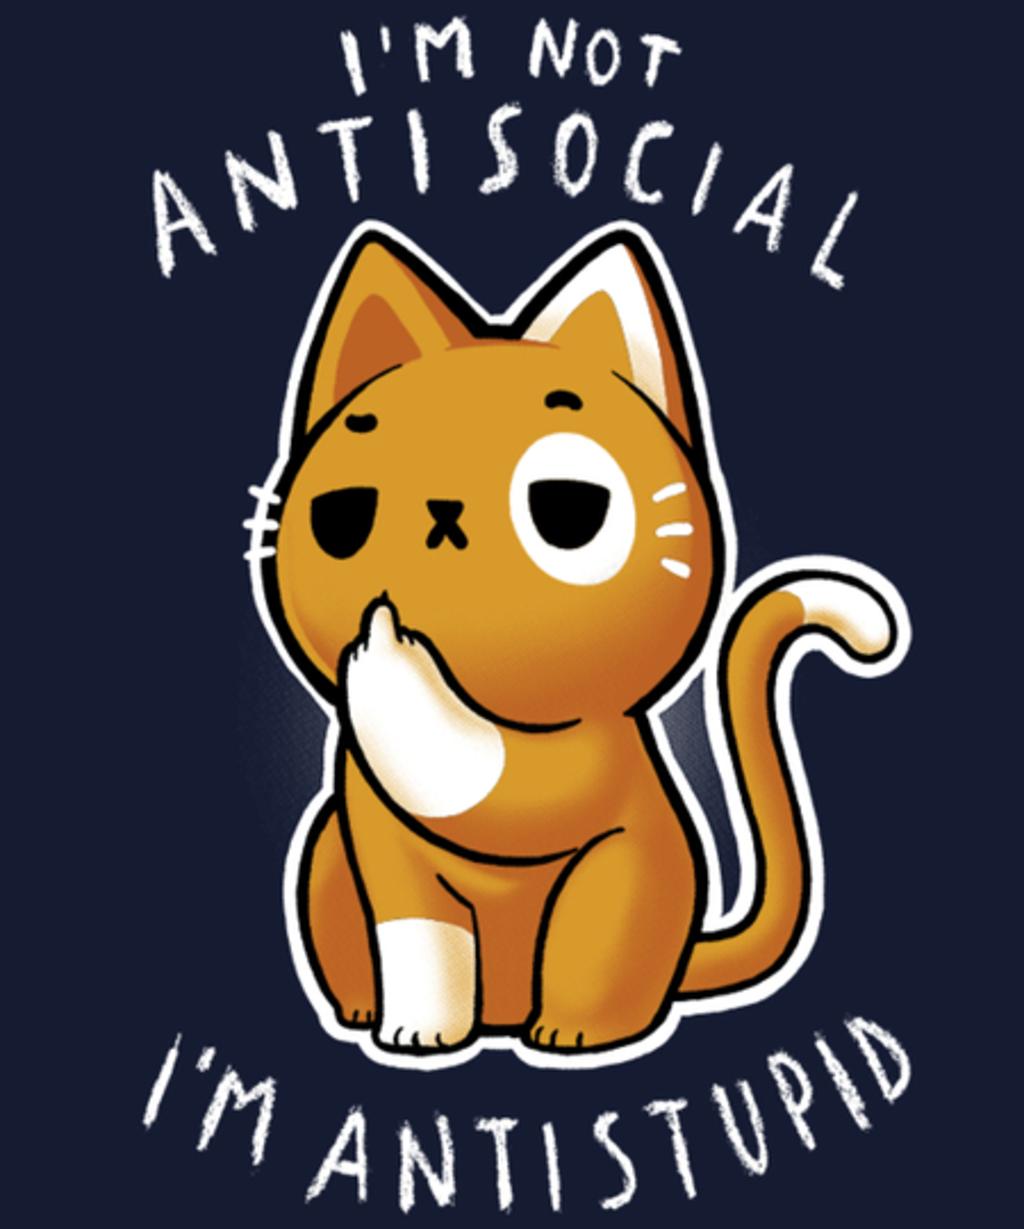 Qwertee: Antisocial?